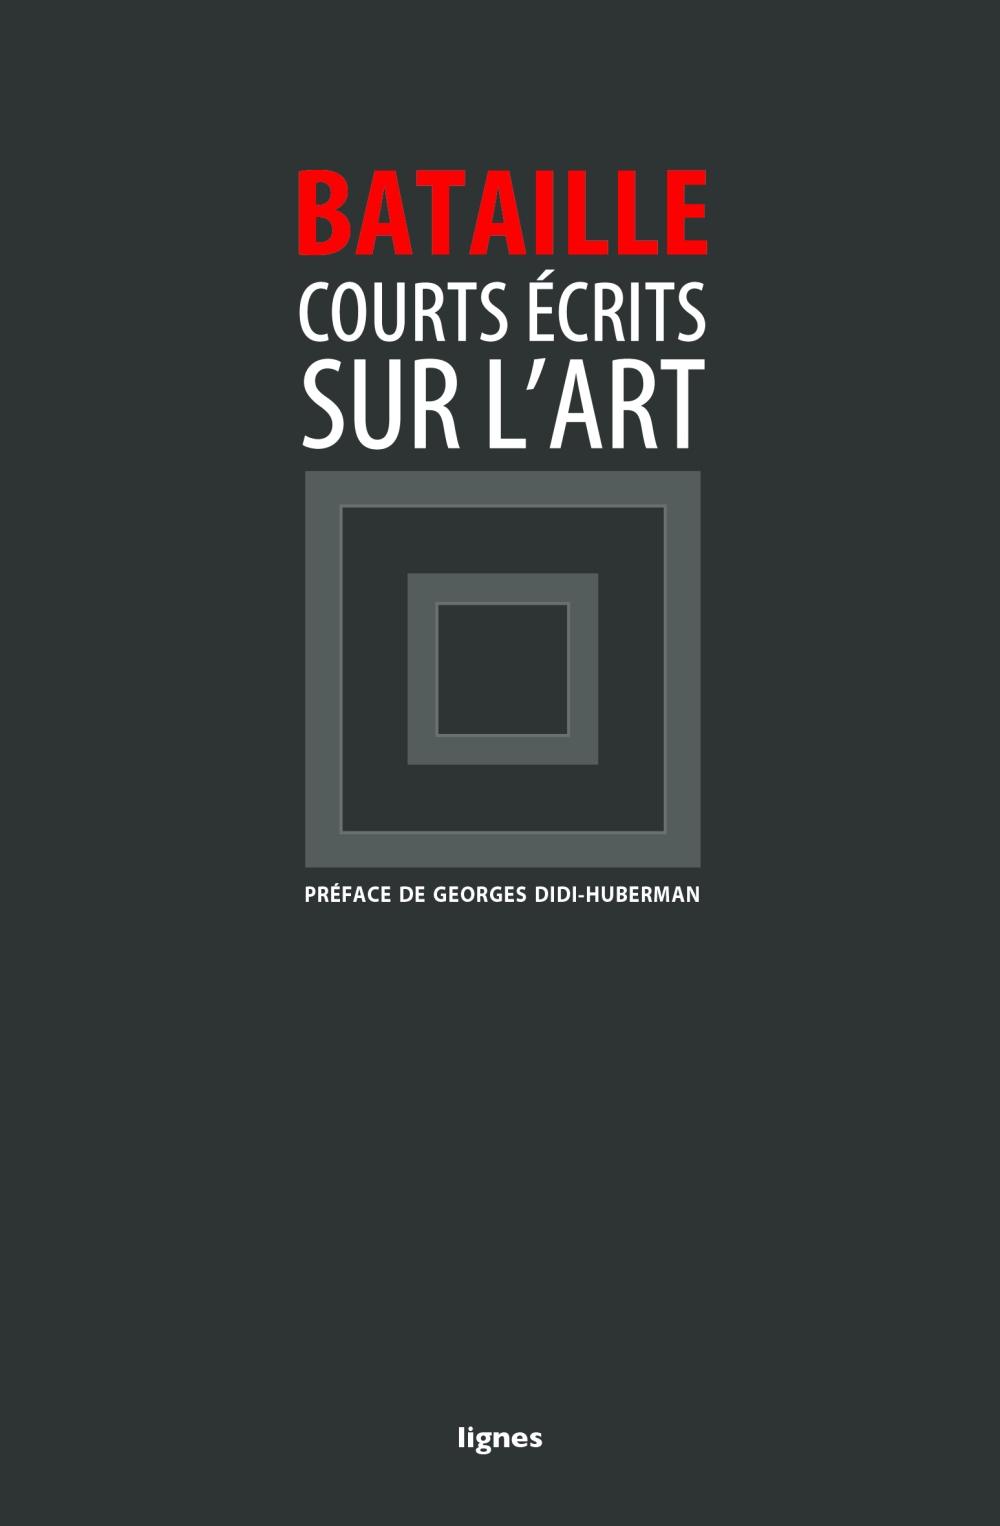 bataille._courts_ecrits_sur_lart